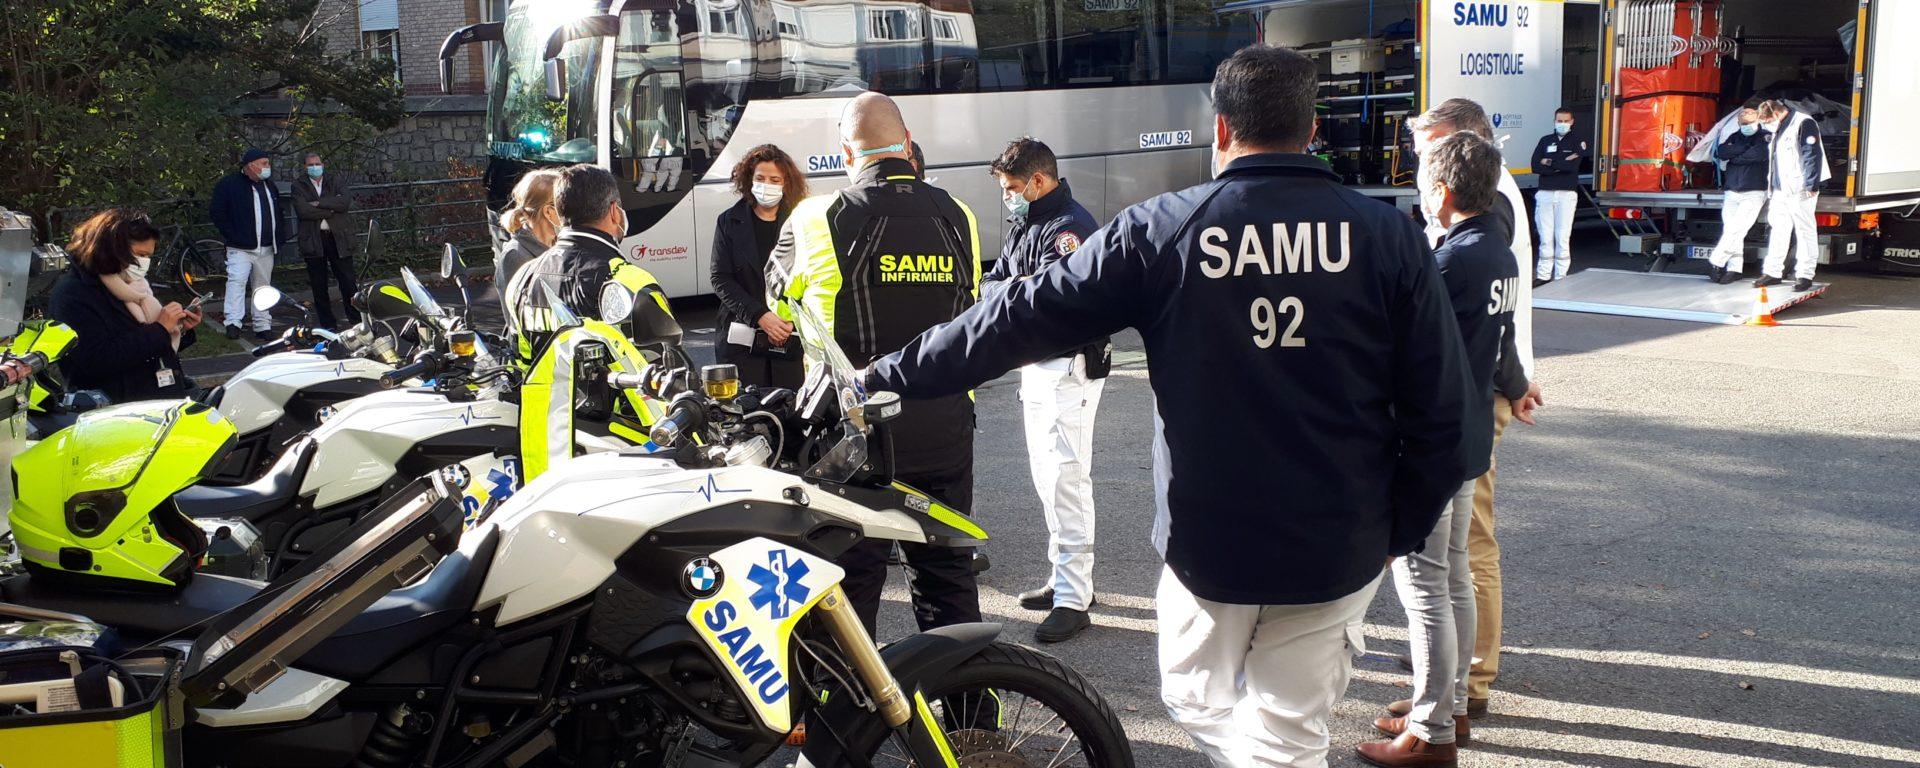 car-umh-samu92-transfert-covid19